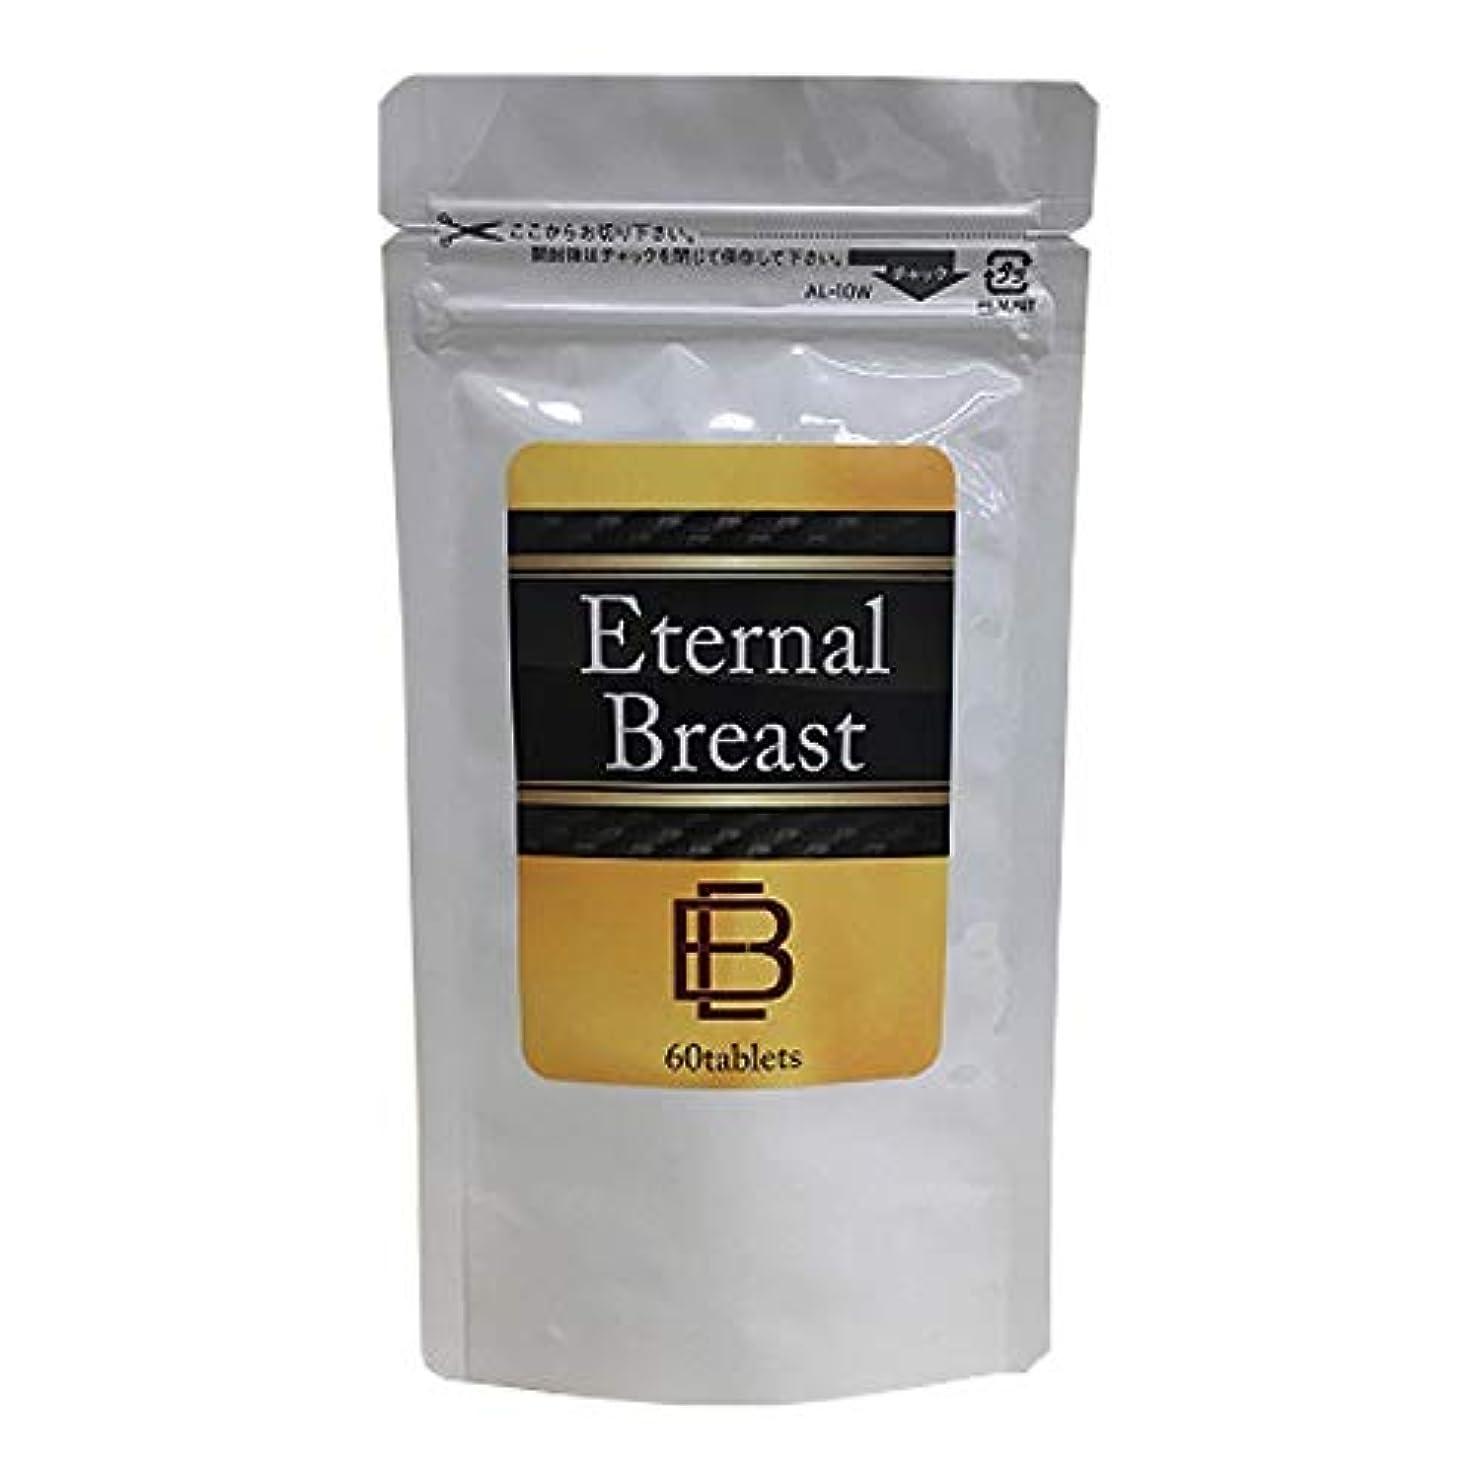 エターナルブレスト サプリメント 60粒 約30日分